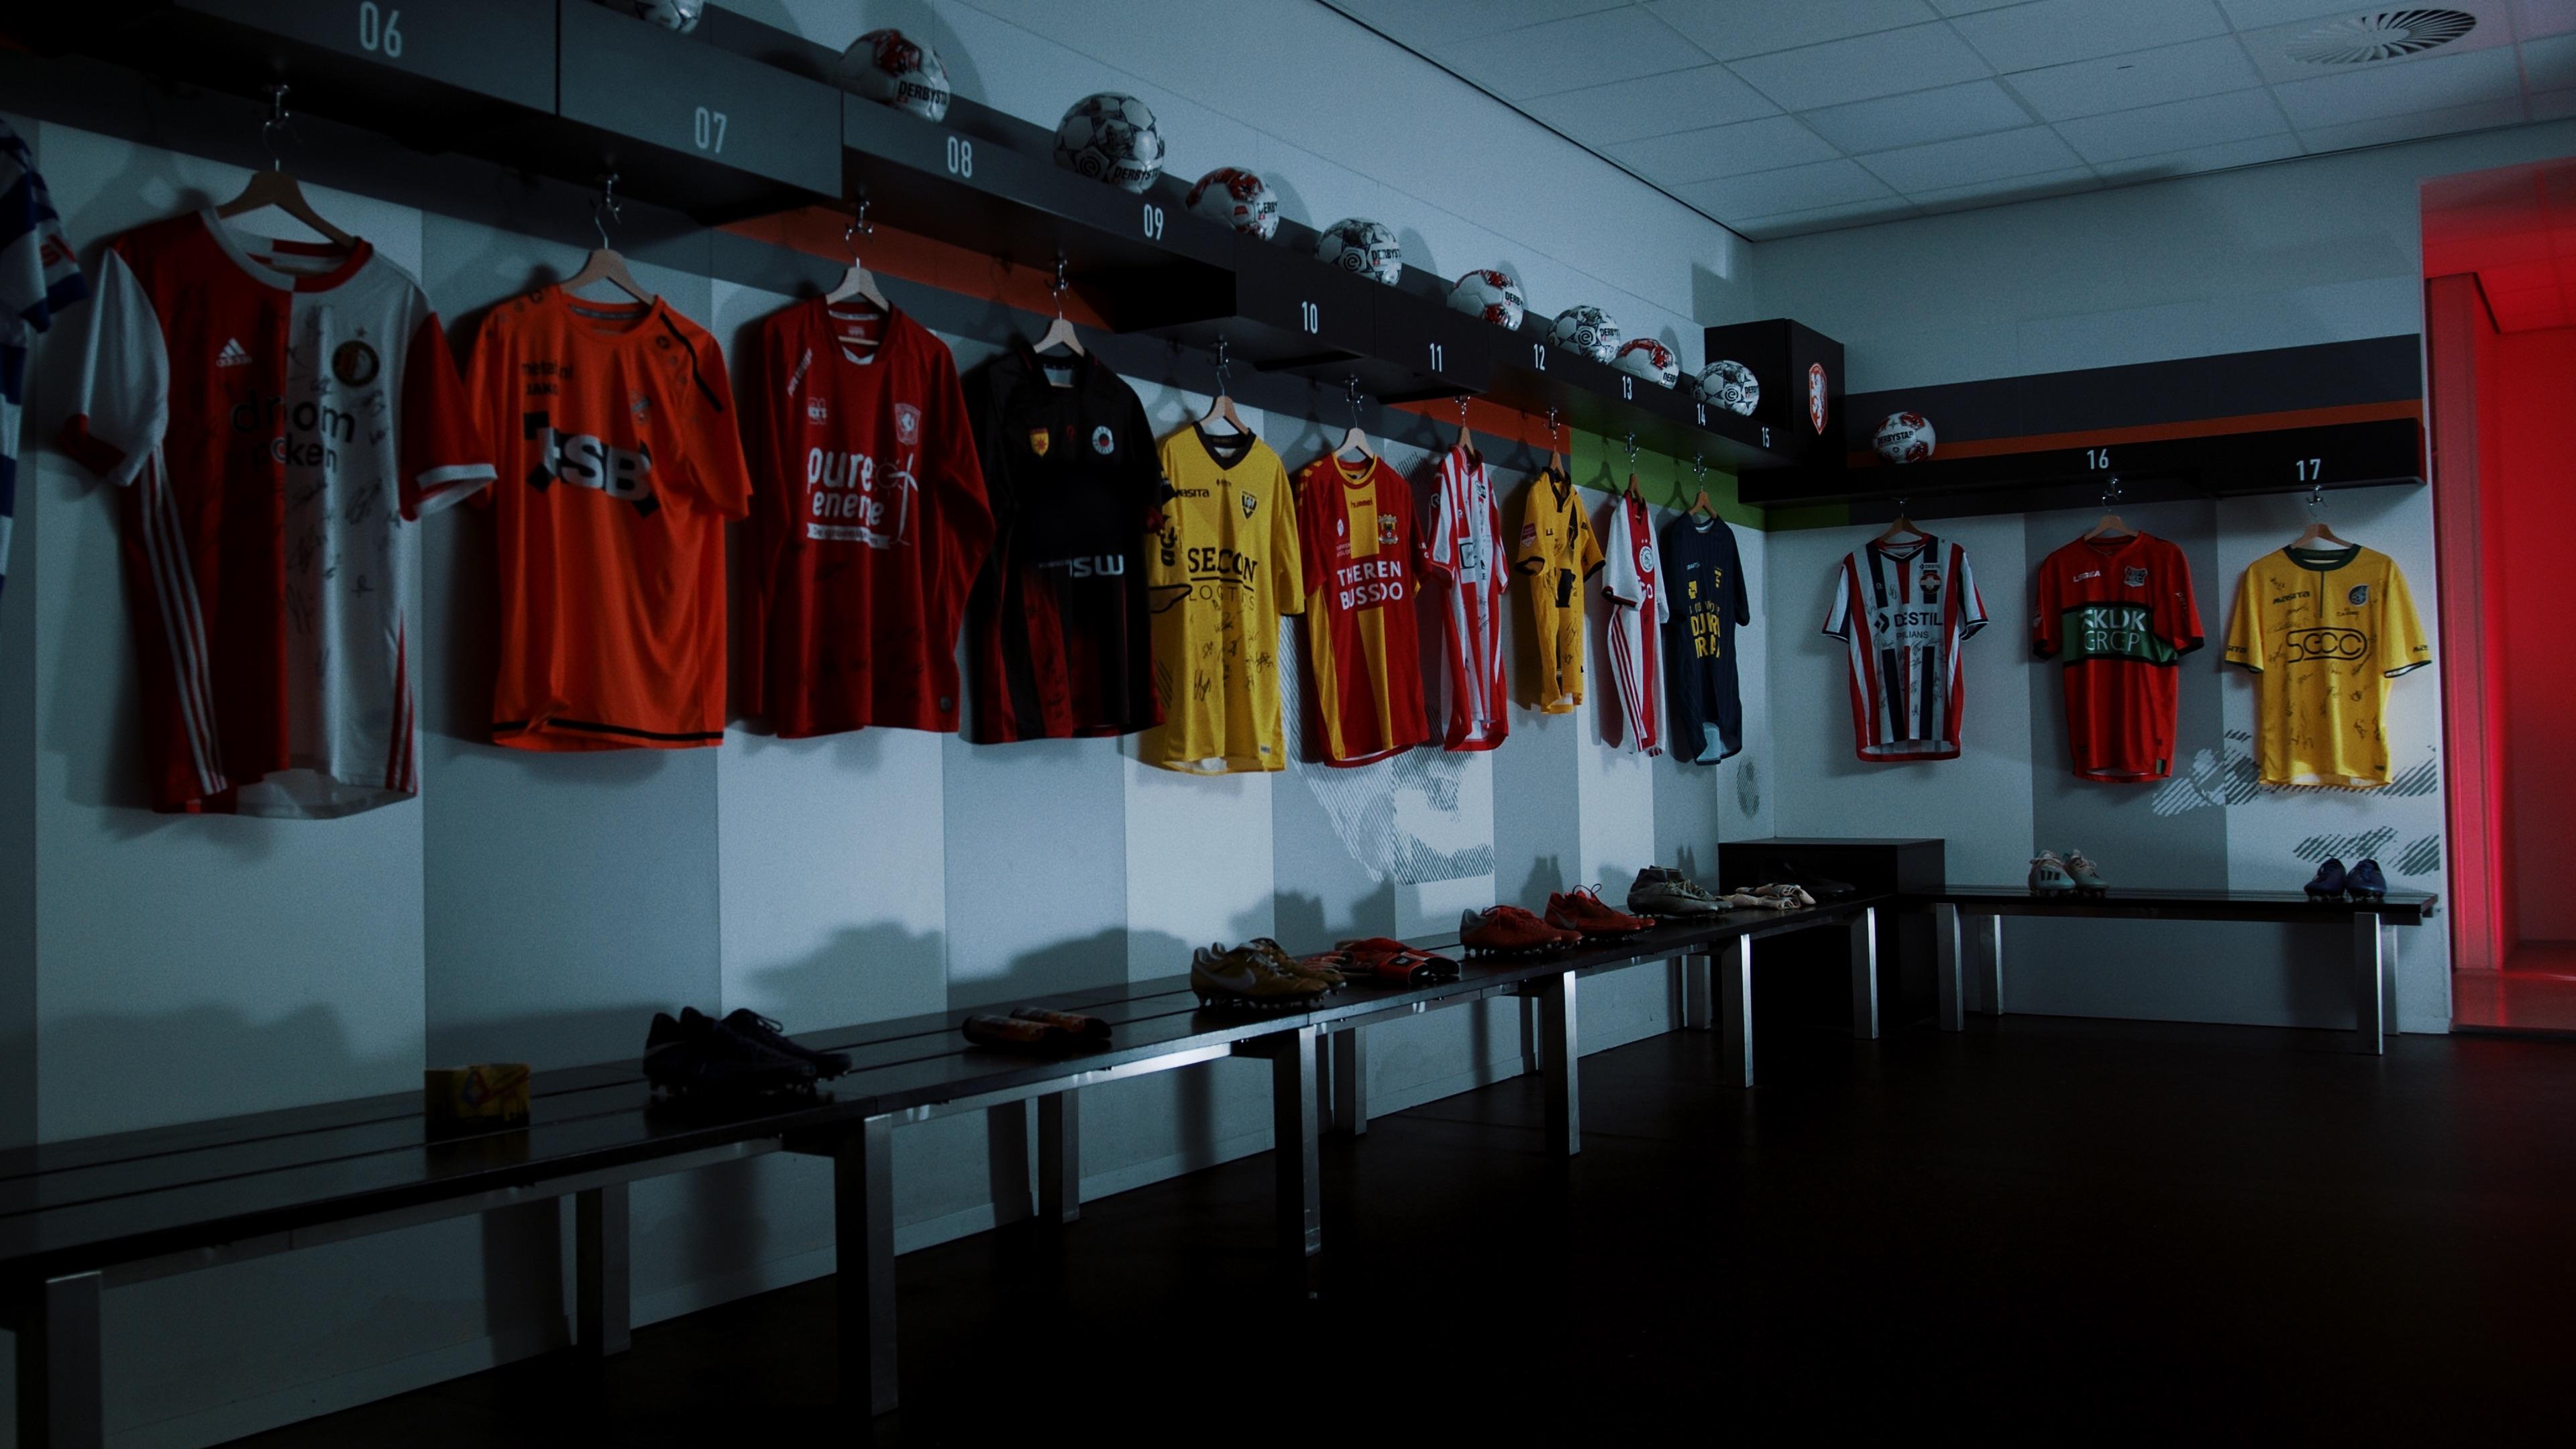 Een foto van een kleedkamer vol voetbalshirts